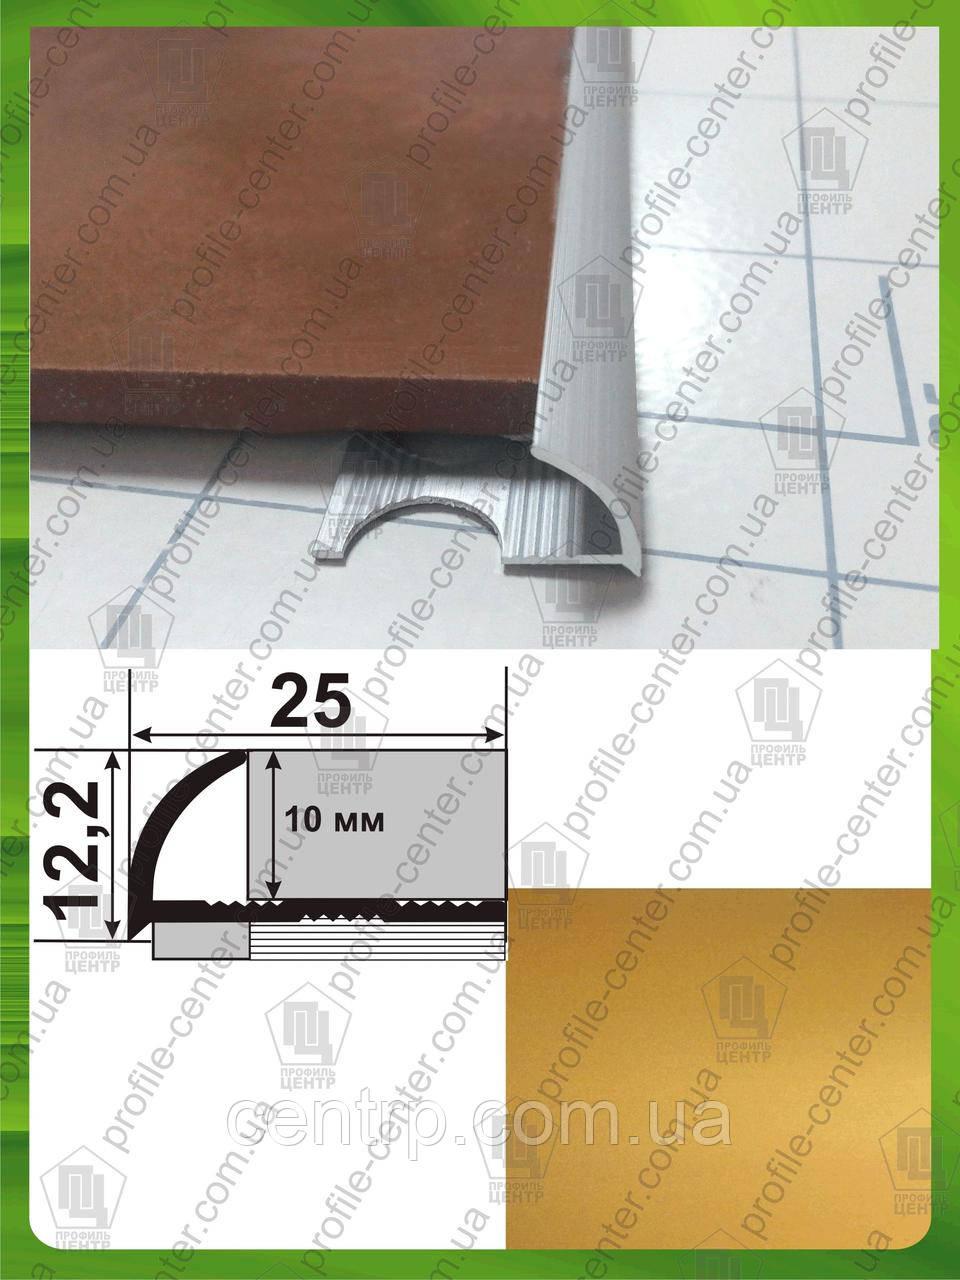 Наружный алюминиевый угол для плитки до 9 мм L-2,7м НАП 10 Золото (анод)